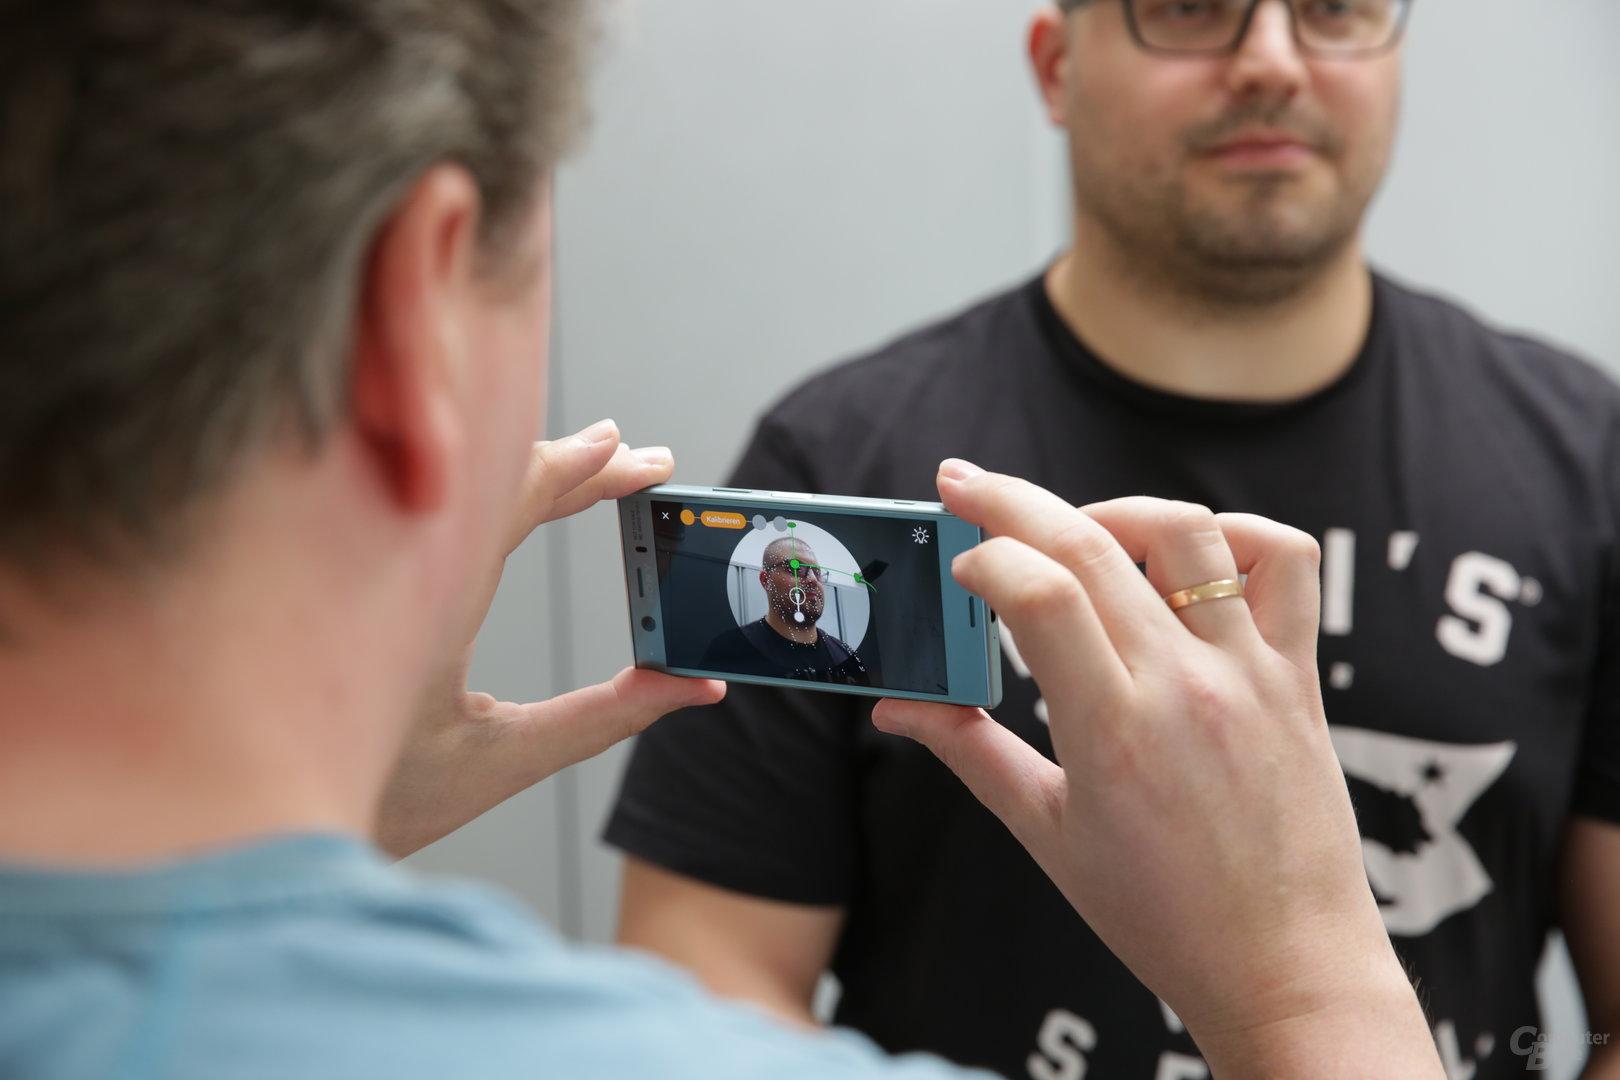 Im Anschluss wird das 3D-Bild auf dem Smartphone gespeichert